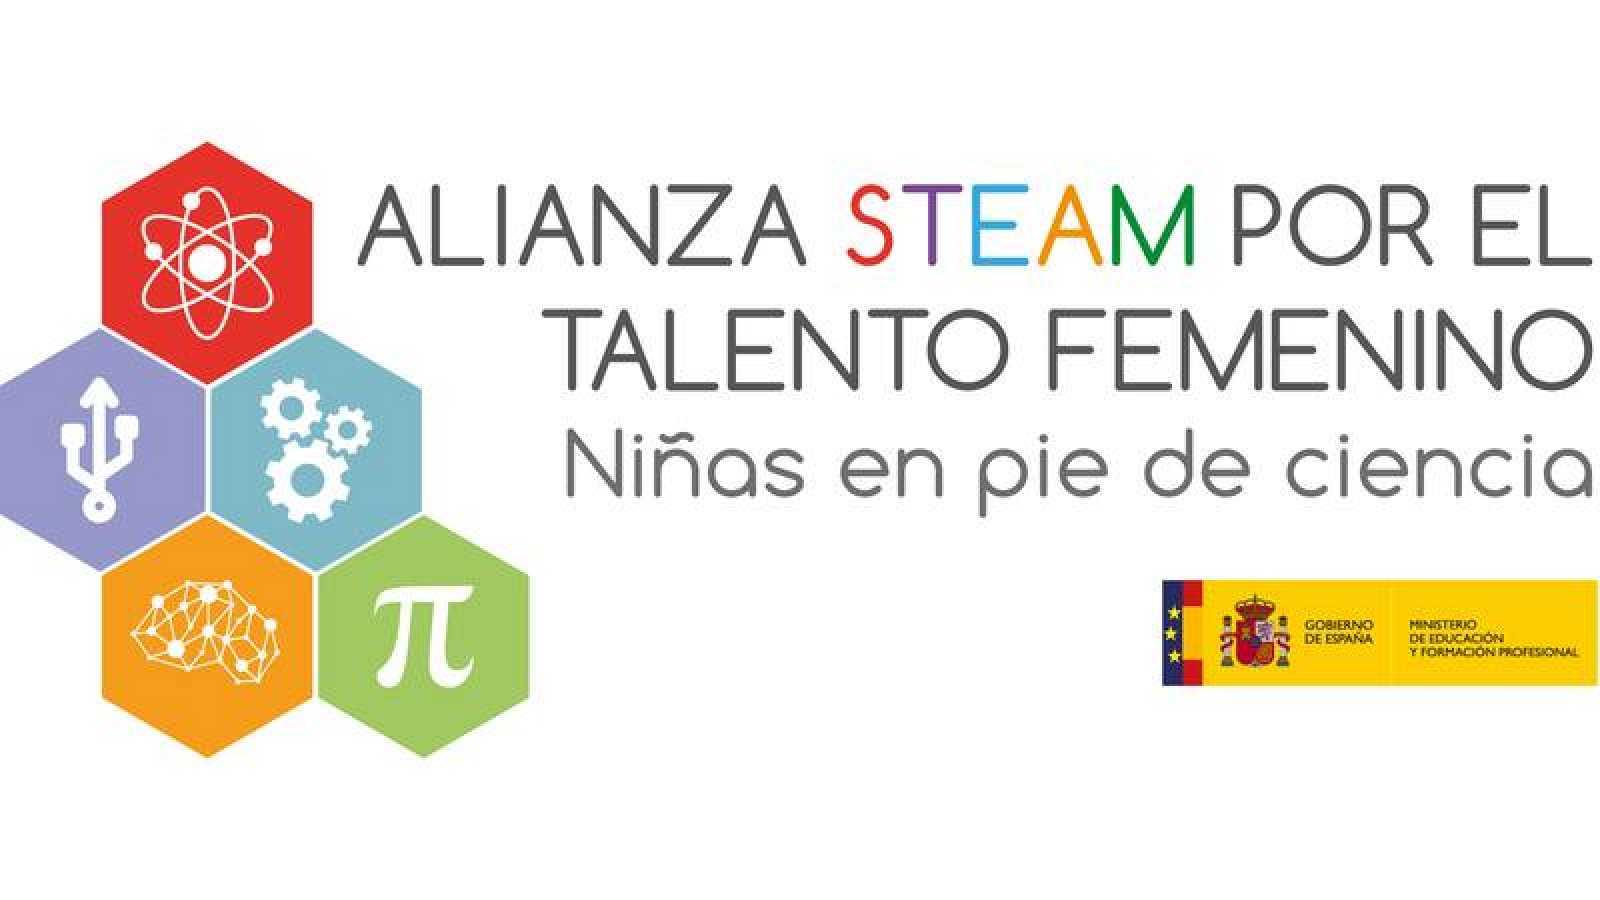 La Alianza se presentará el próximo jueves 11 de febrero, coincidiendo con el Día Internacional de la Mujer y la Niña en la Ciencia